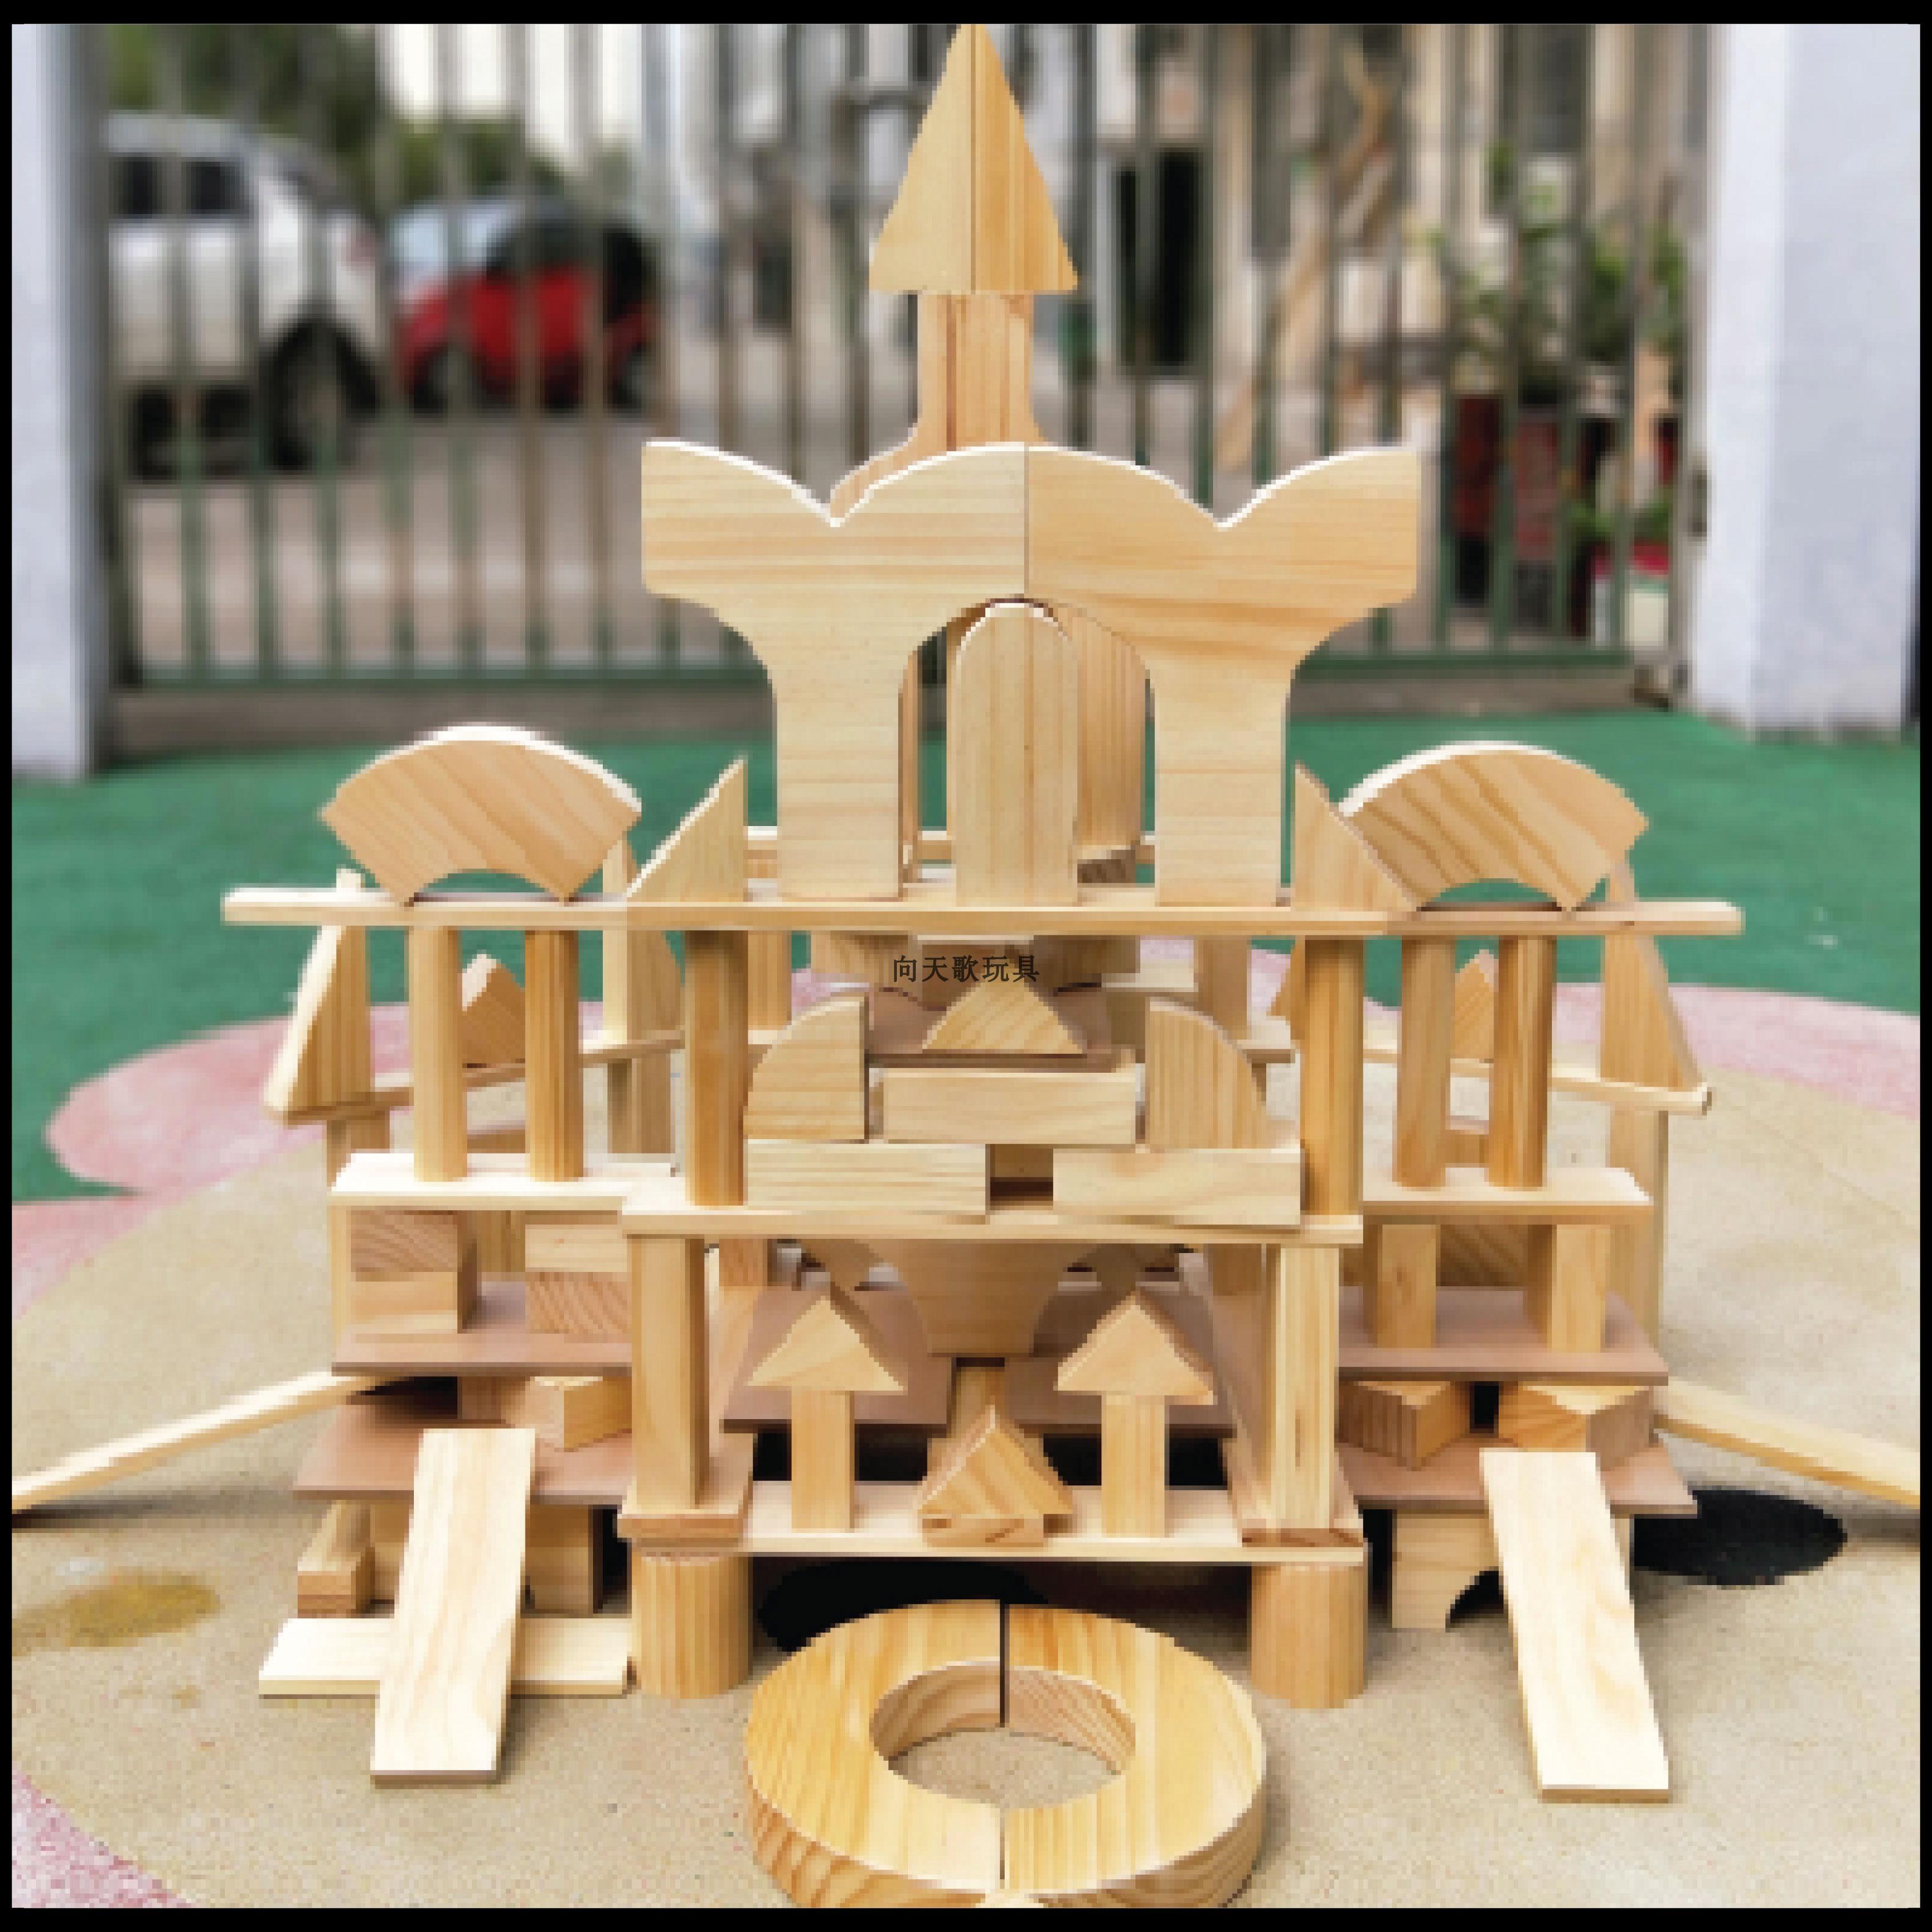 加厚幼儿园室内构建积木积木地面指尖教室小米120片松木区角积木玩法积木原木新积木图片